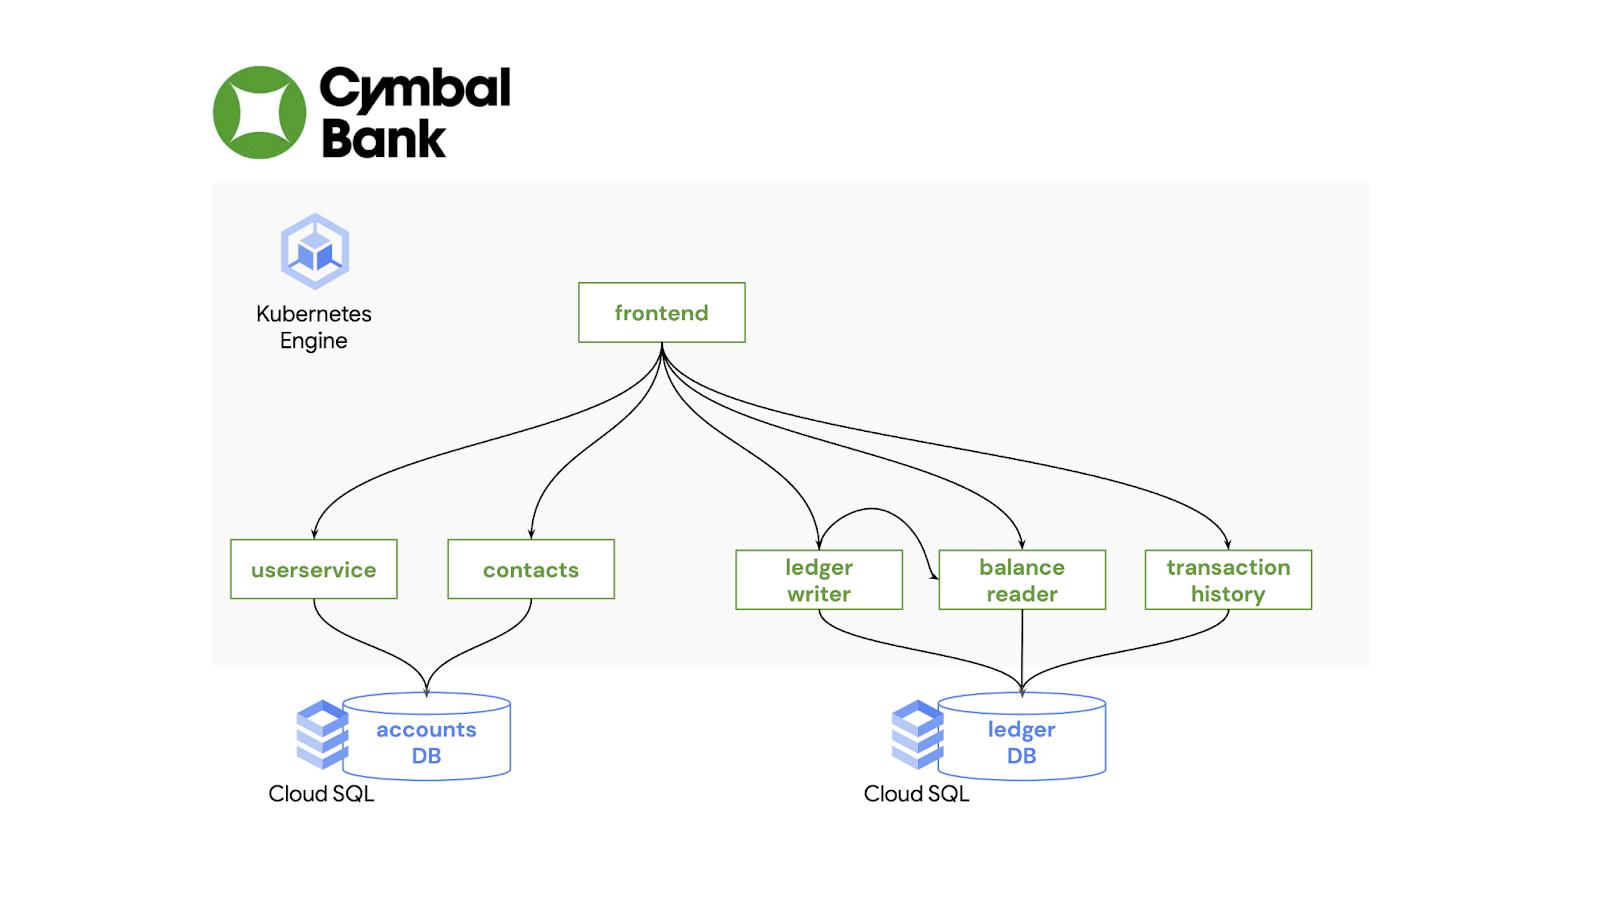 Cymbal bank